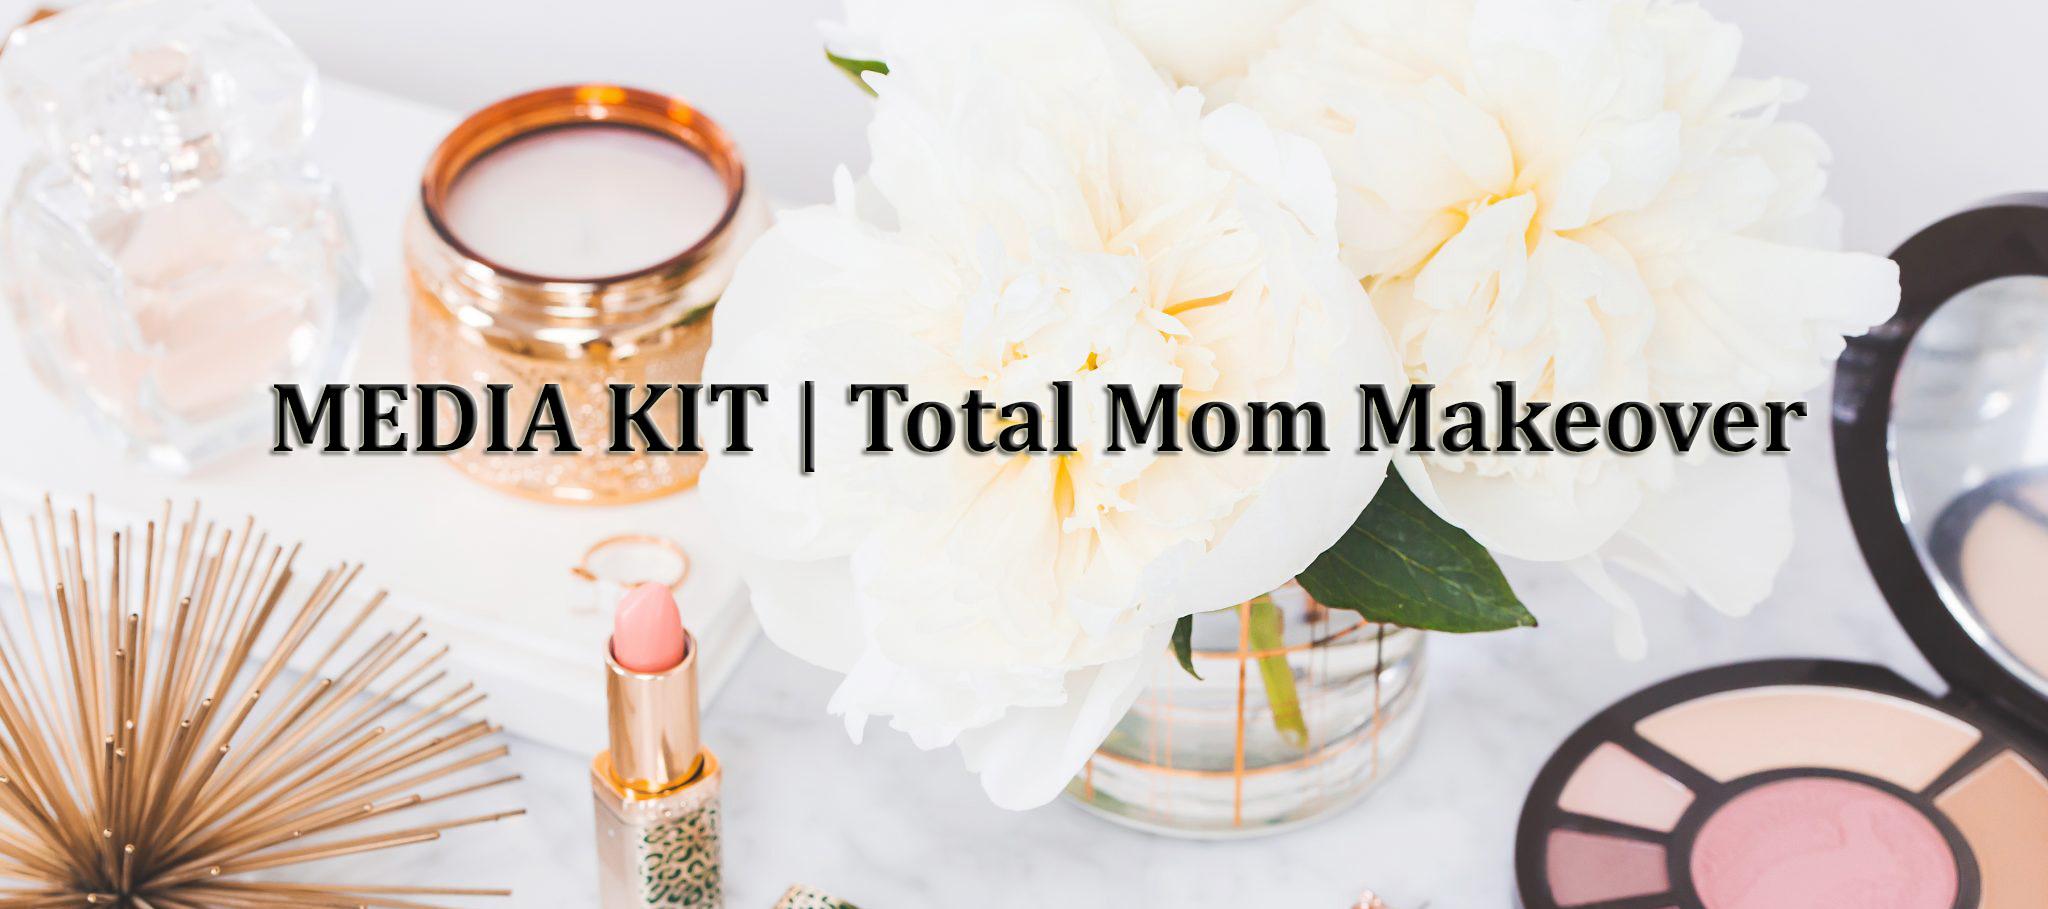 Total Mom Makeover Media Kit